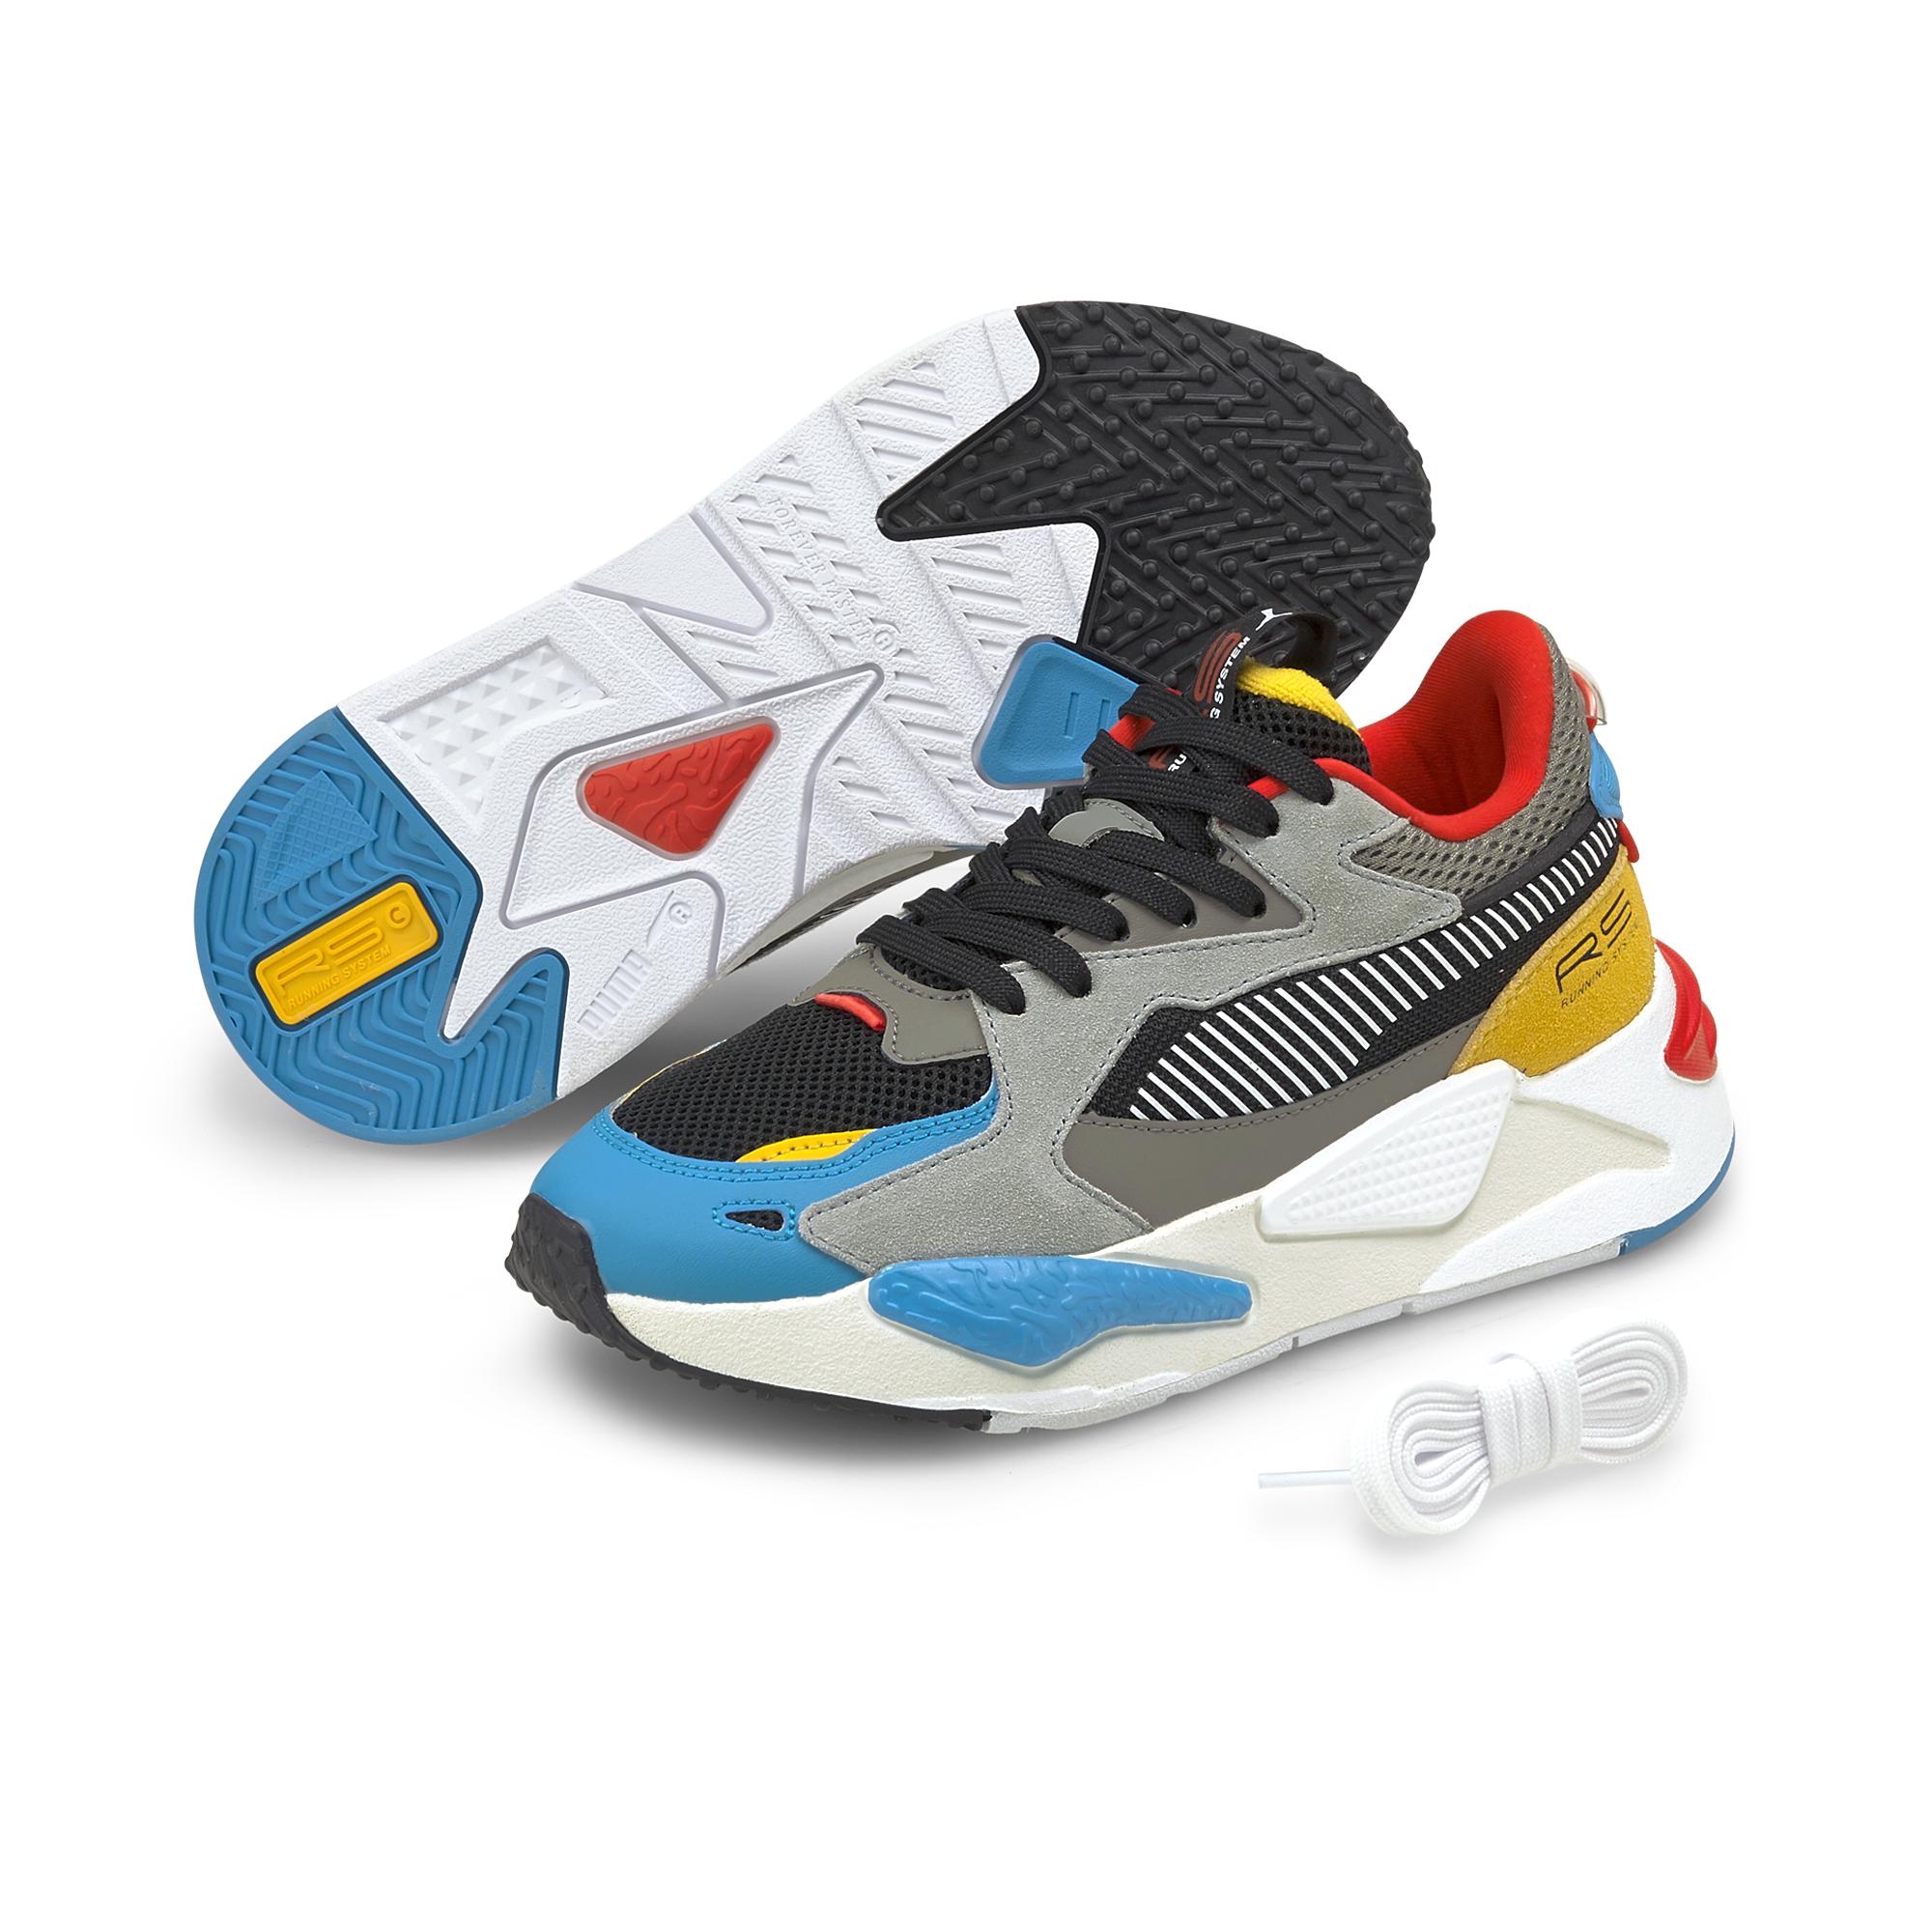 Puma RS-Z Sneakers JR, Hawaiian Ocean-Puma Black, 39